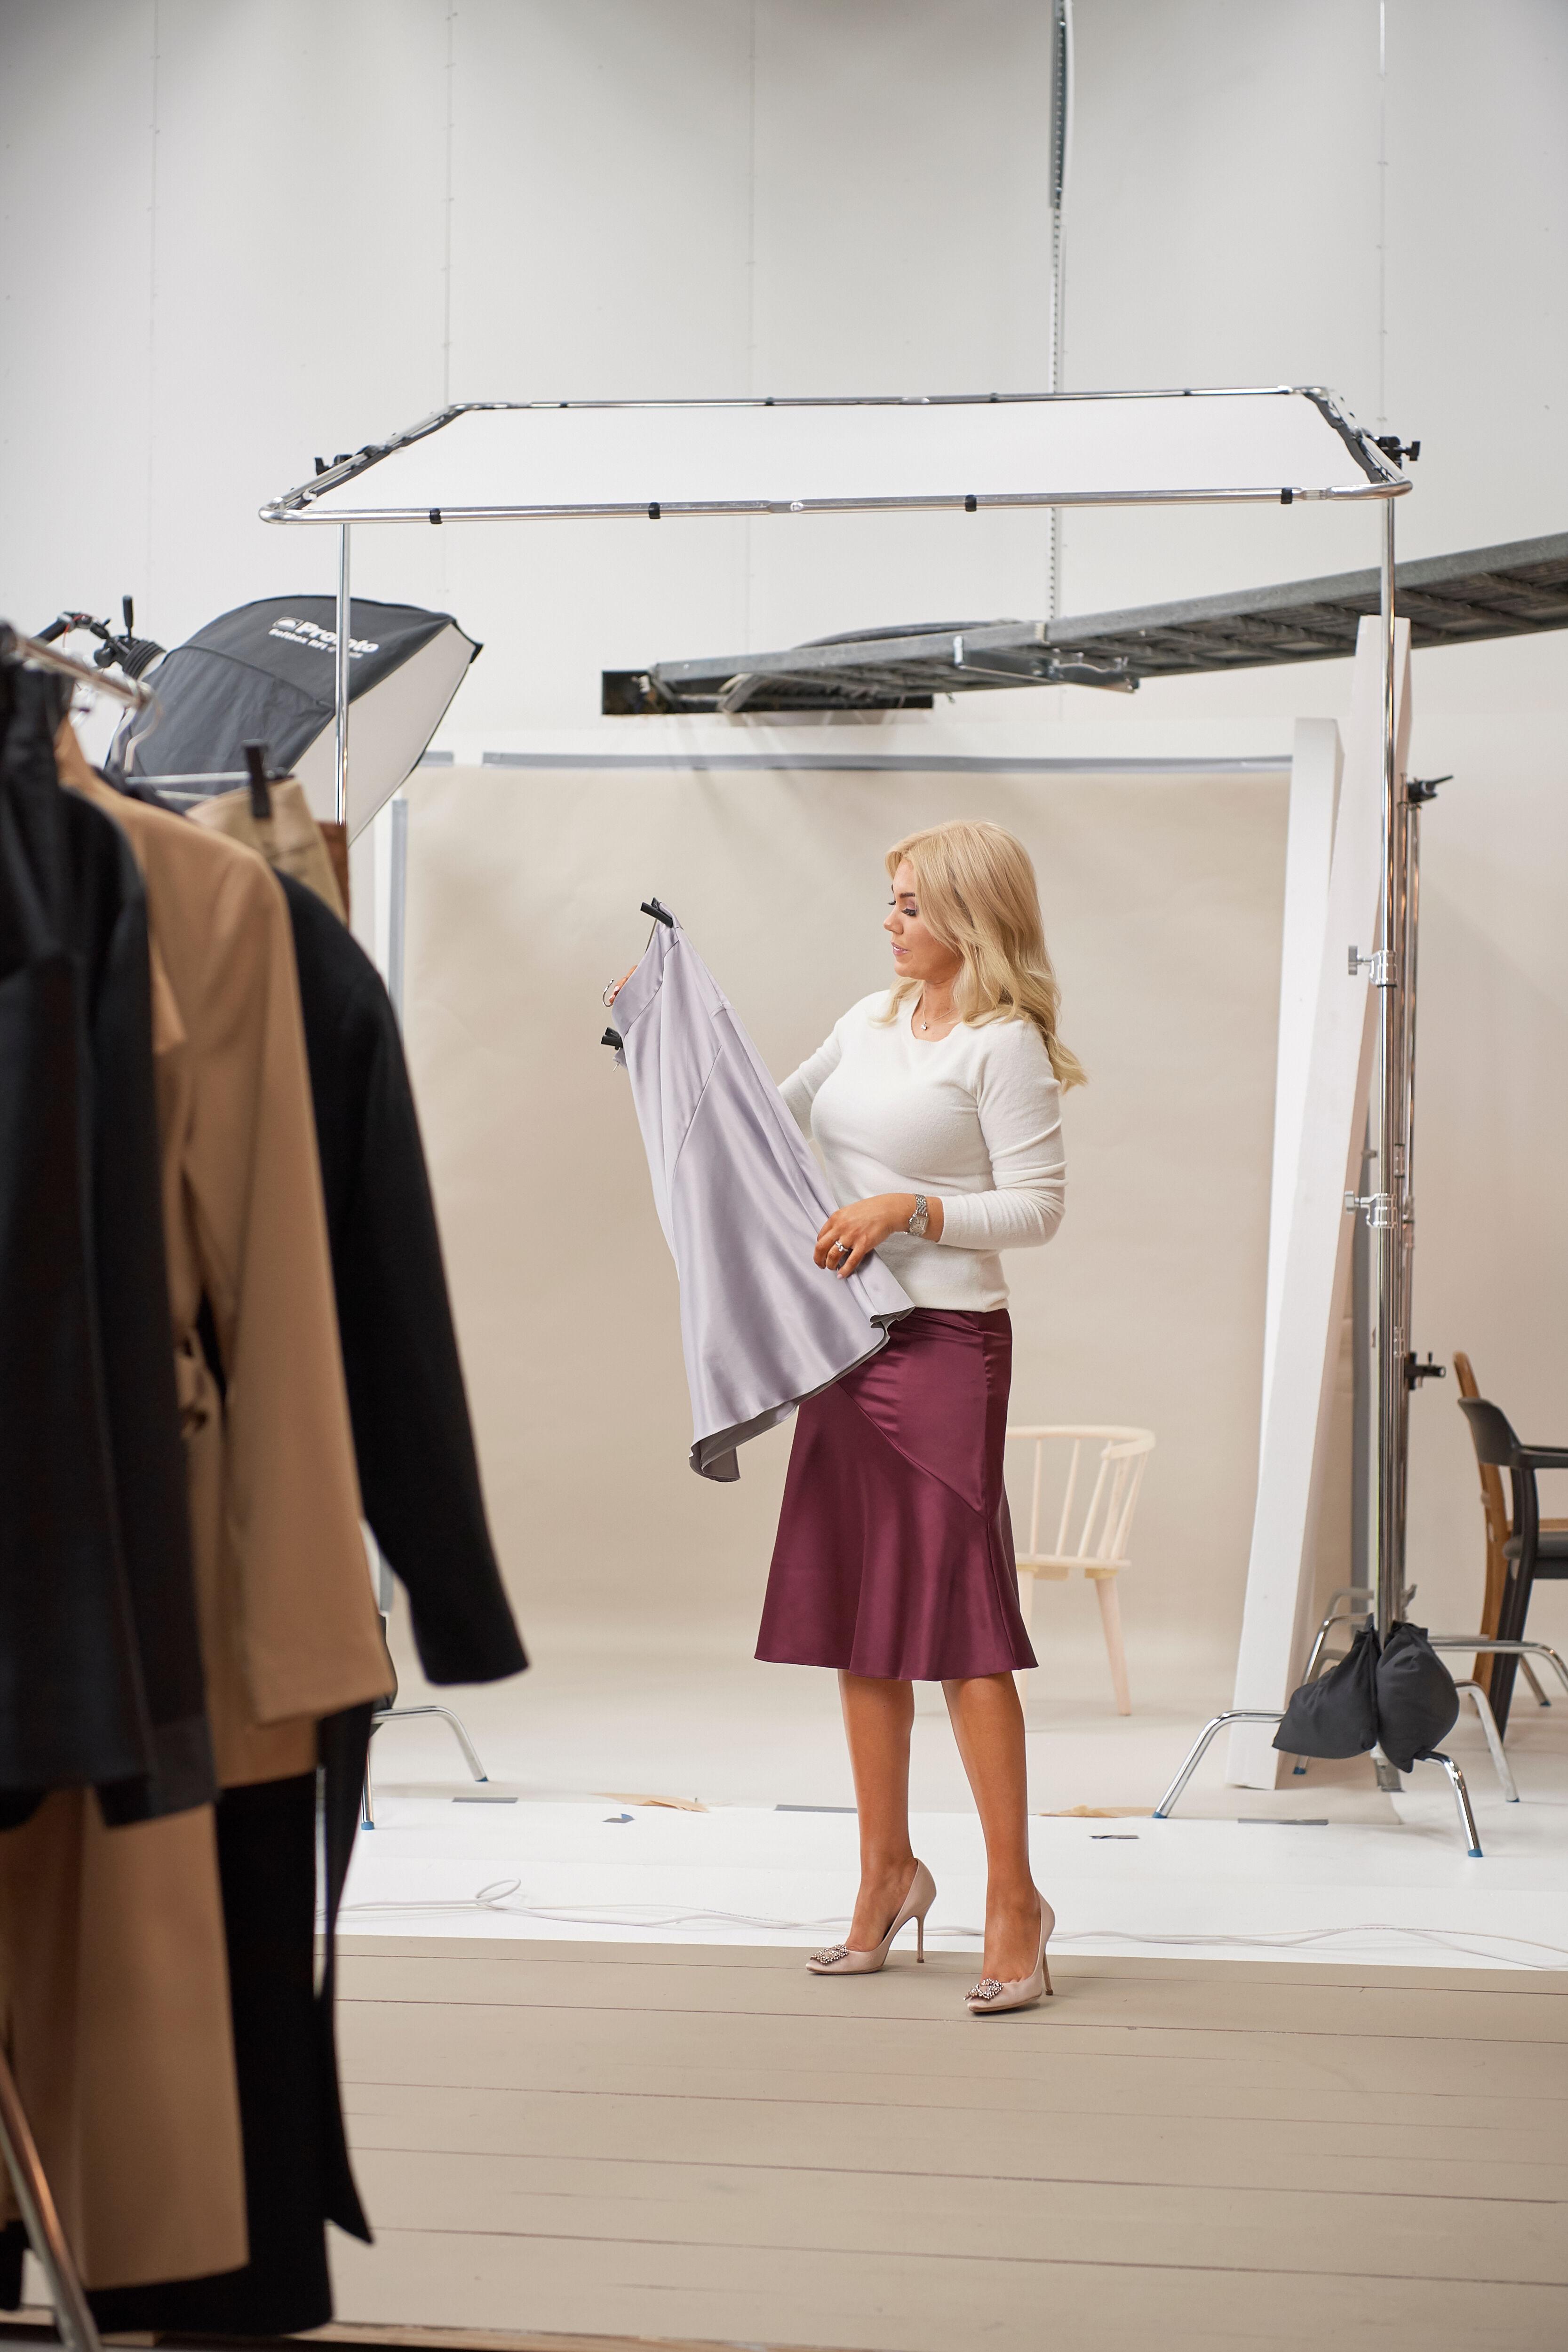 Blogg och IG story 5 stickat:kjol